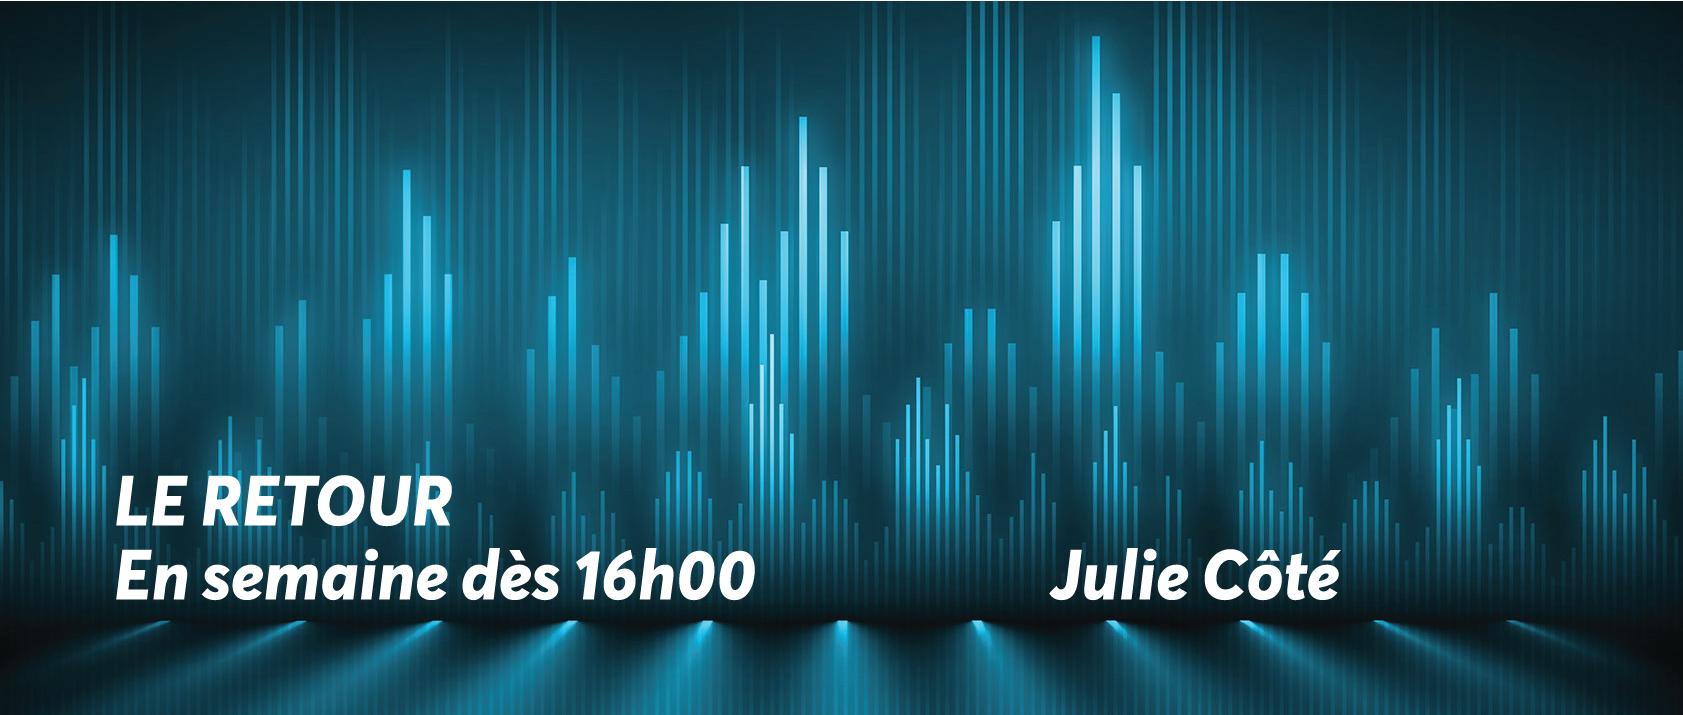 RETOUR-julie